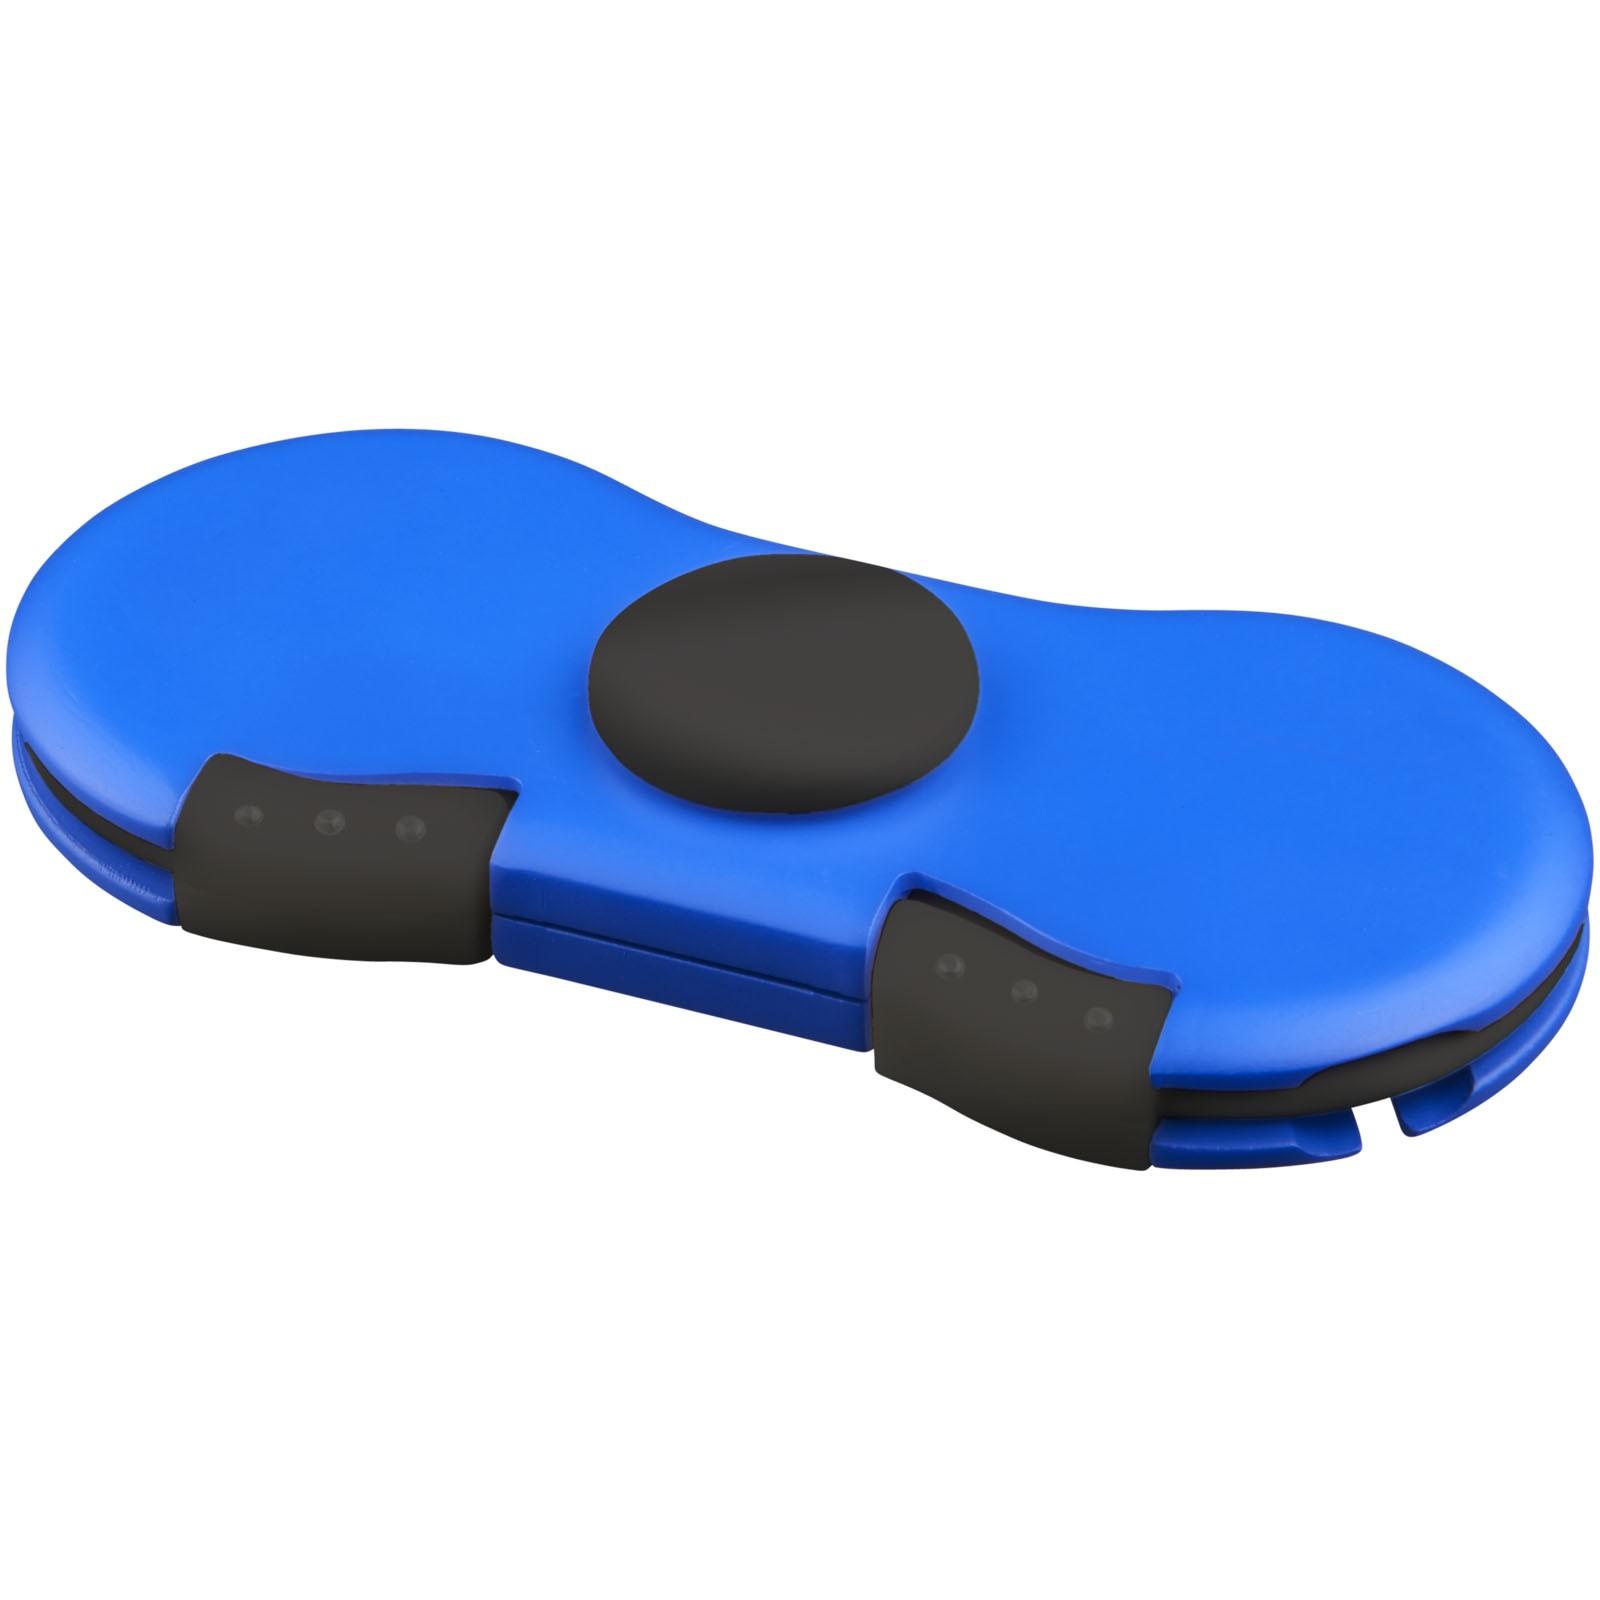 Spinner s napájecím kabelem - Světle modrá